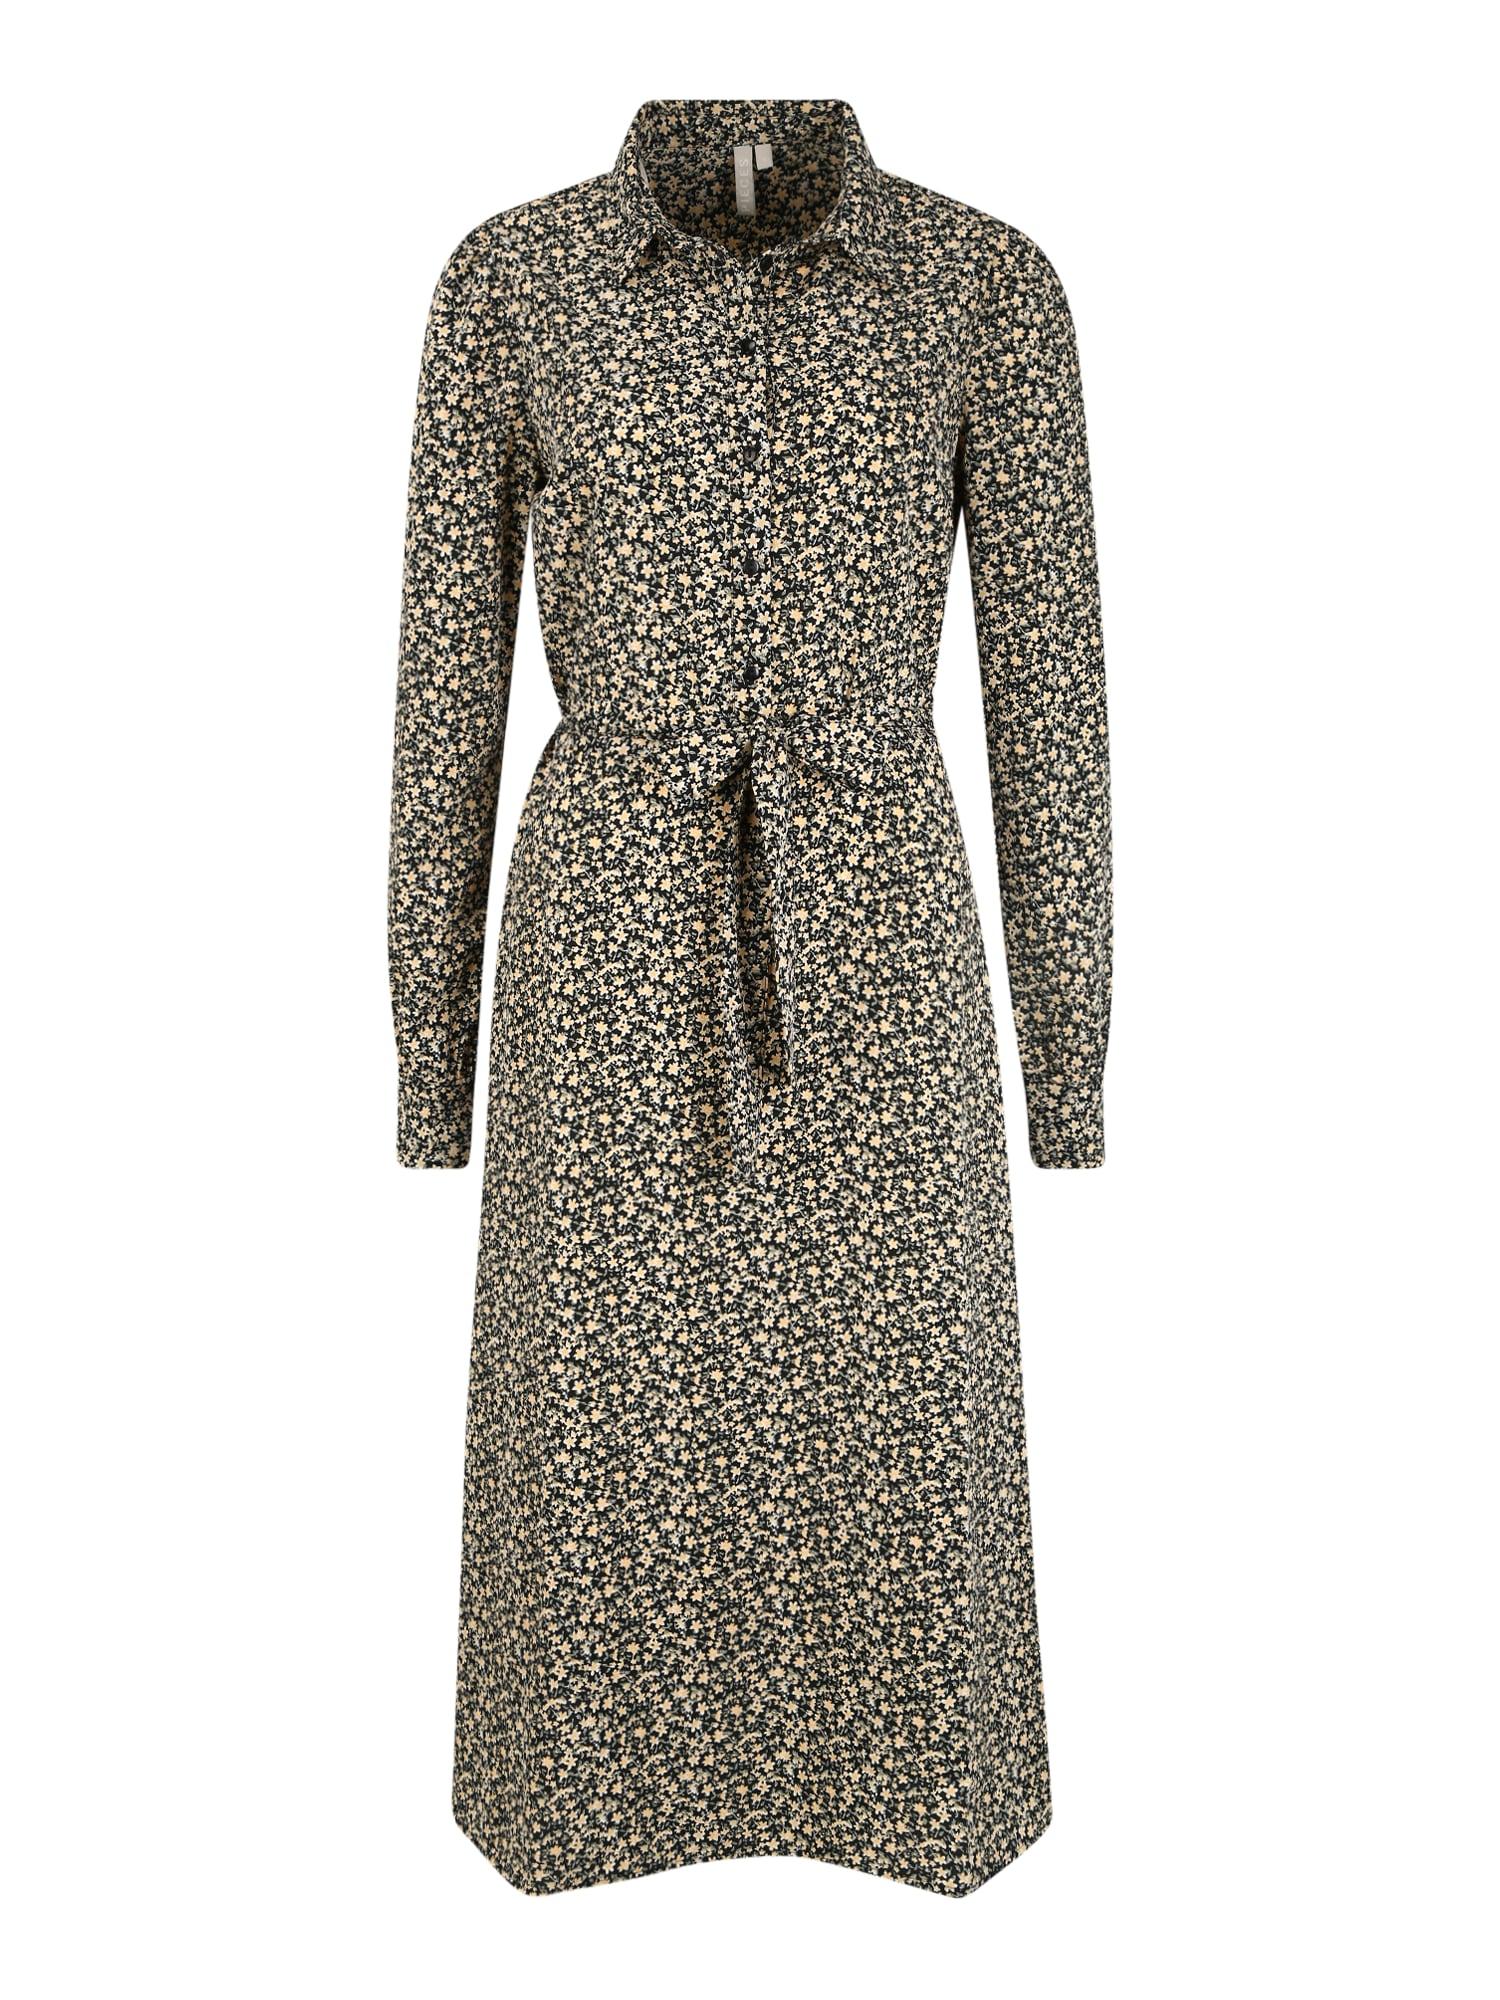 Pieces (Tall) Palaidinės tipo suknelė mišrios spalvos / juoda